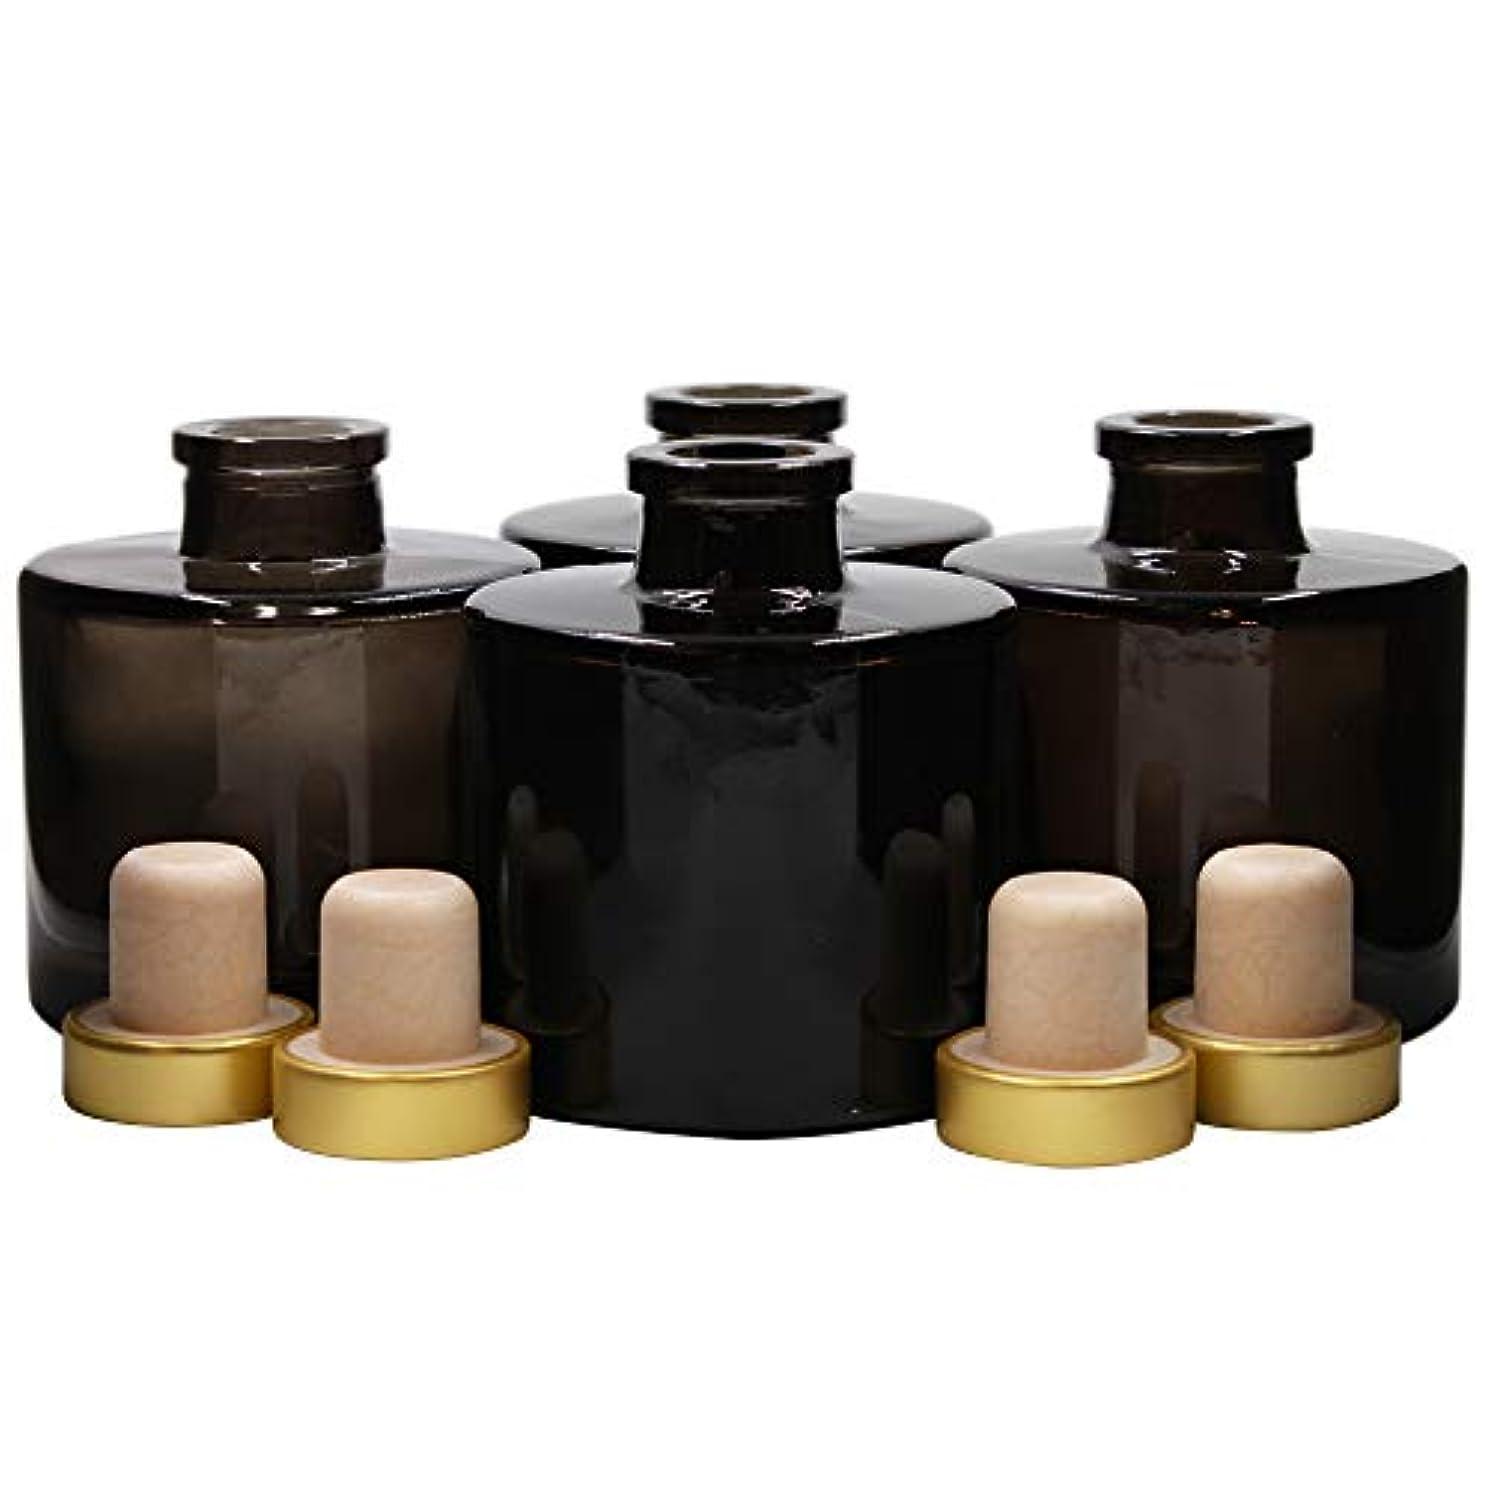 最後にスティック伝統的Feel Fragrance リードディフューザー用 リードディフューザーボトル 容器 黒色 蓋付き 4本セット (100ML円形)